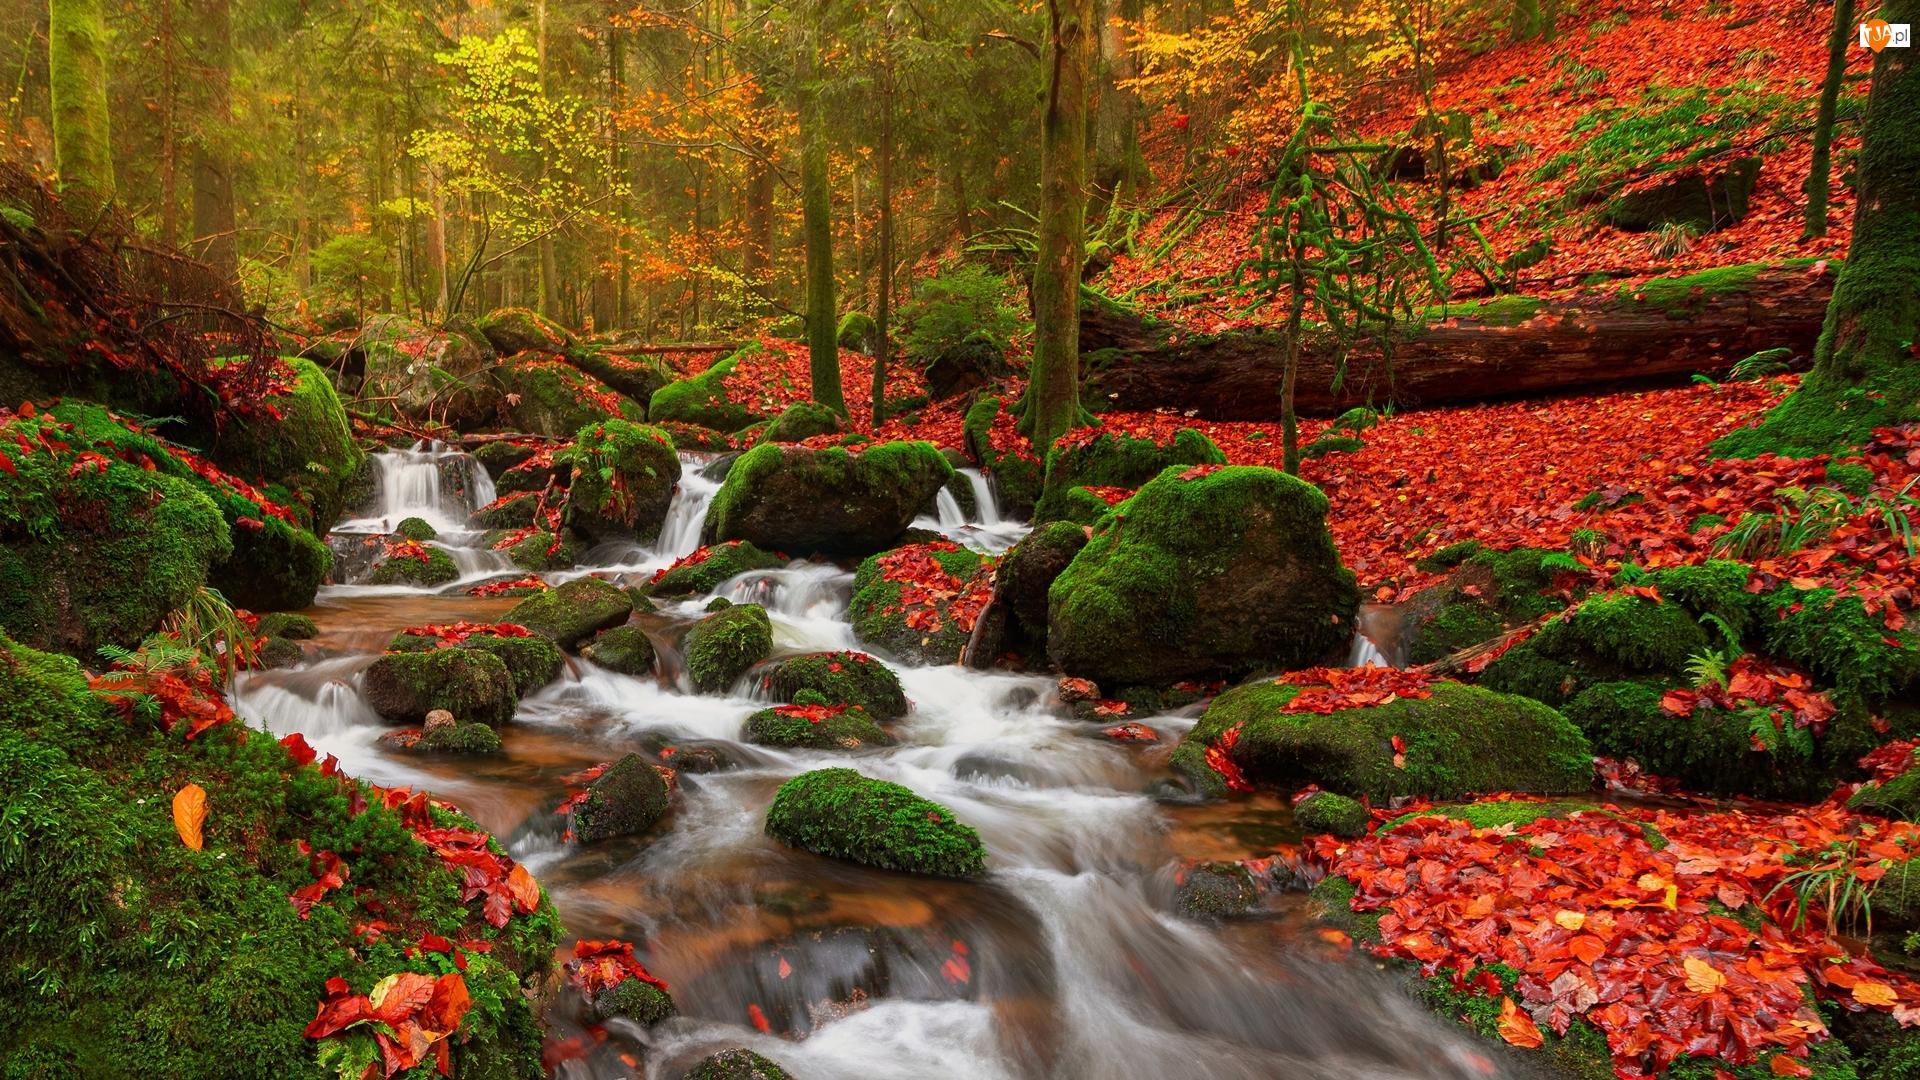 Rzeka, Omszałe, Liście, Las, Opadłe, Jesień, Kamienie